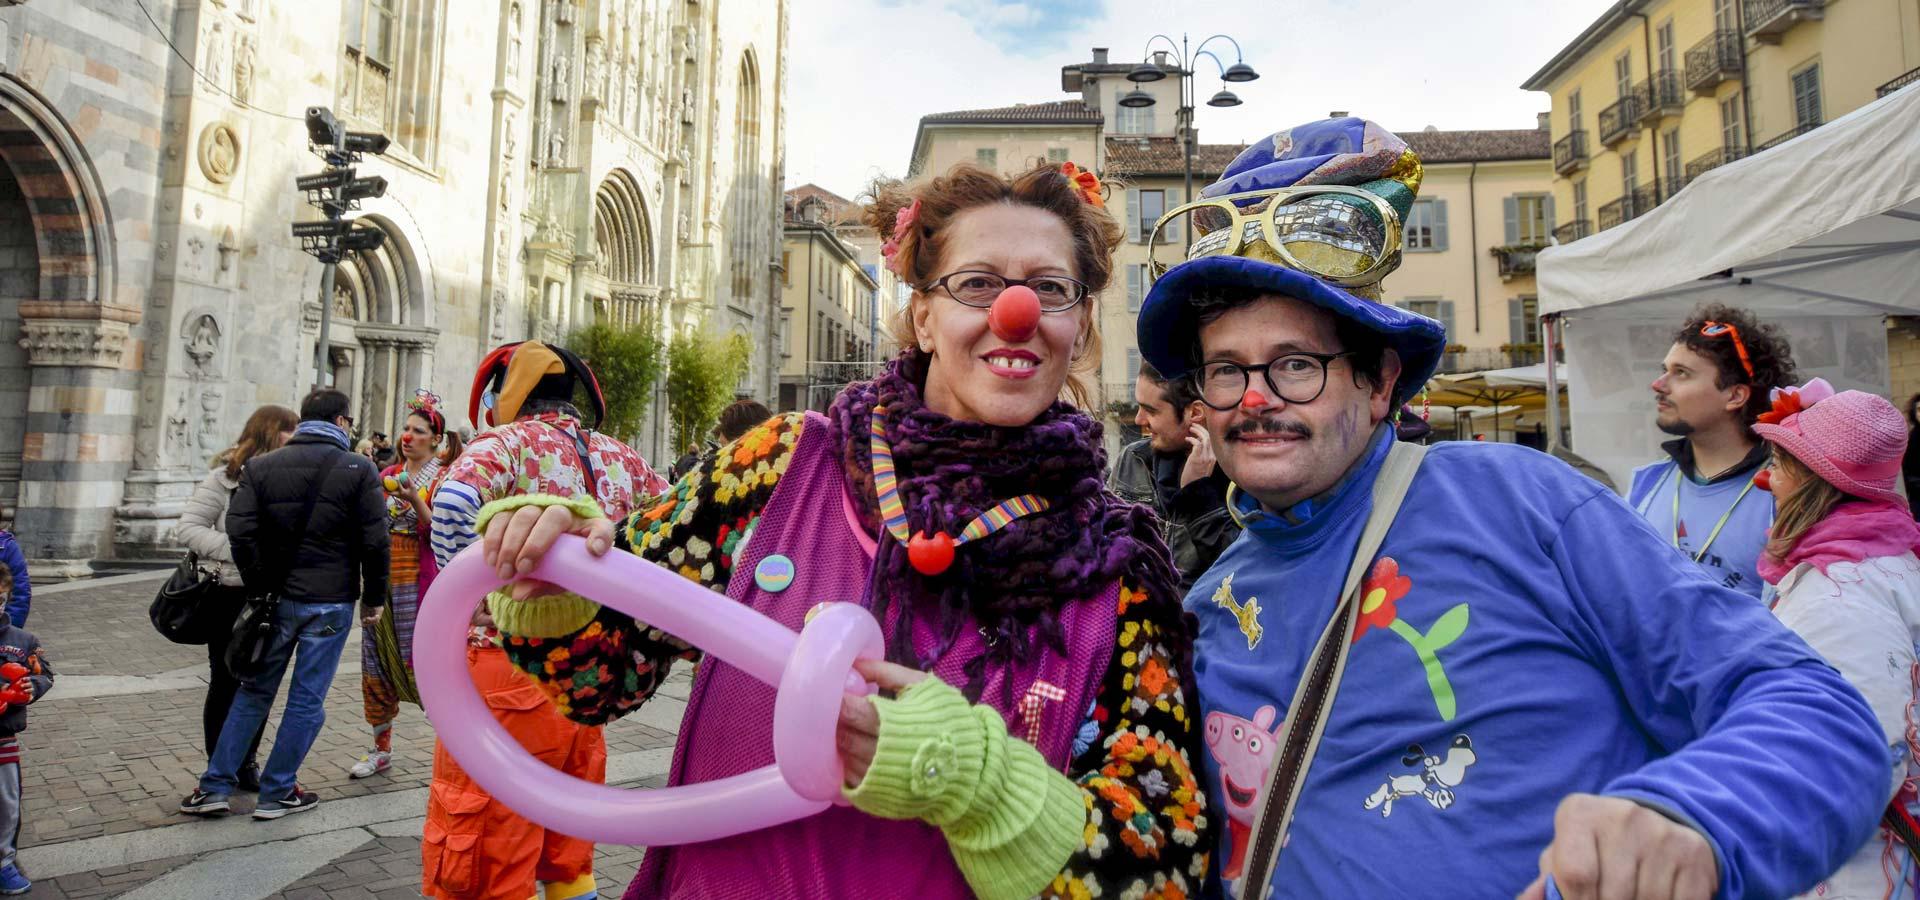 Clown Sociali in piazza a Como